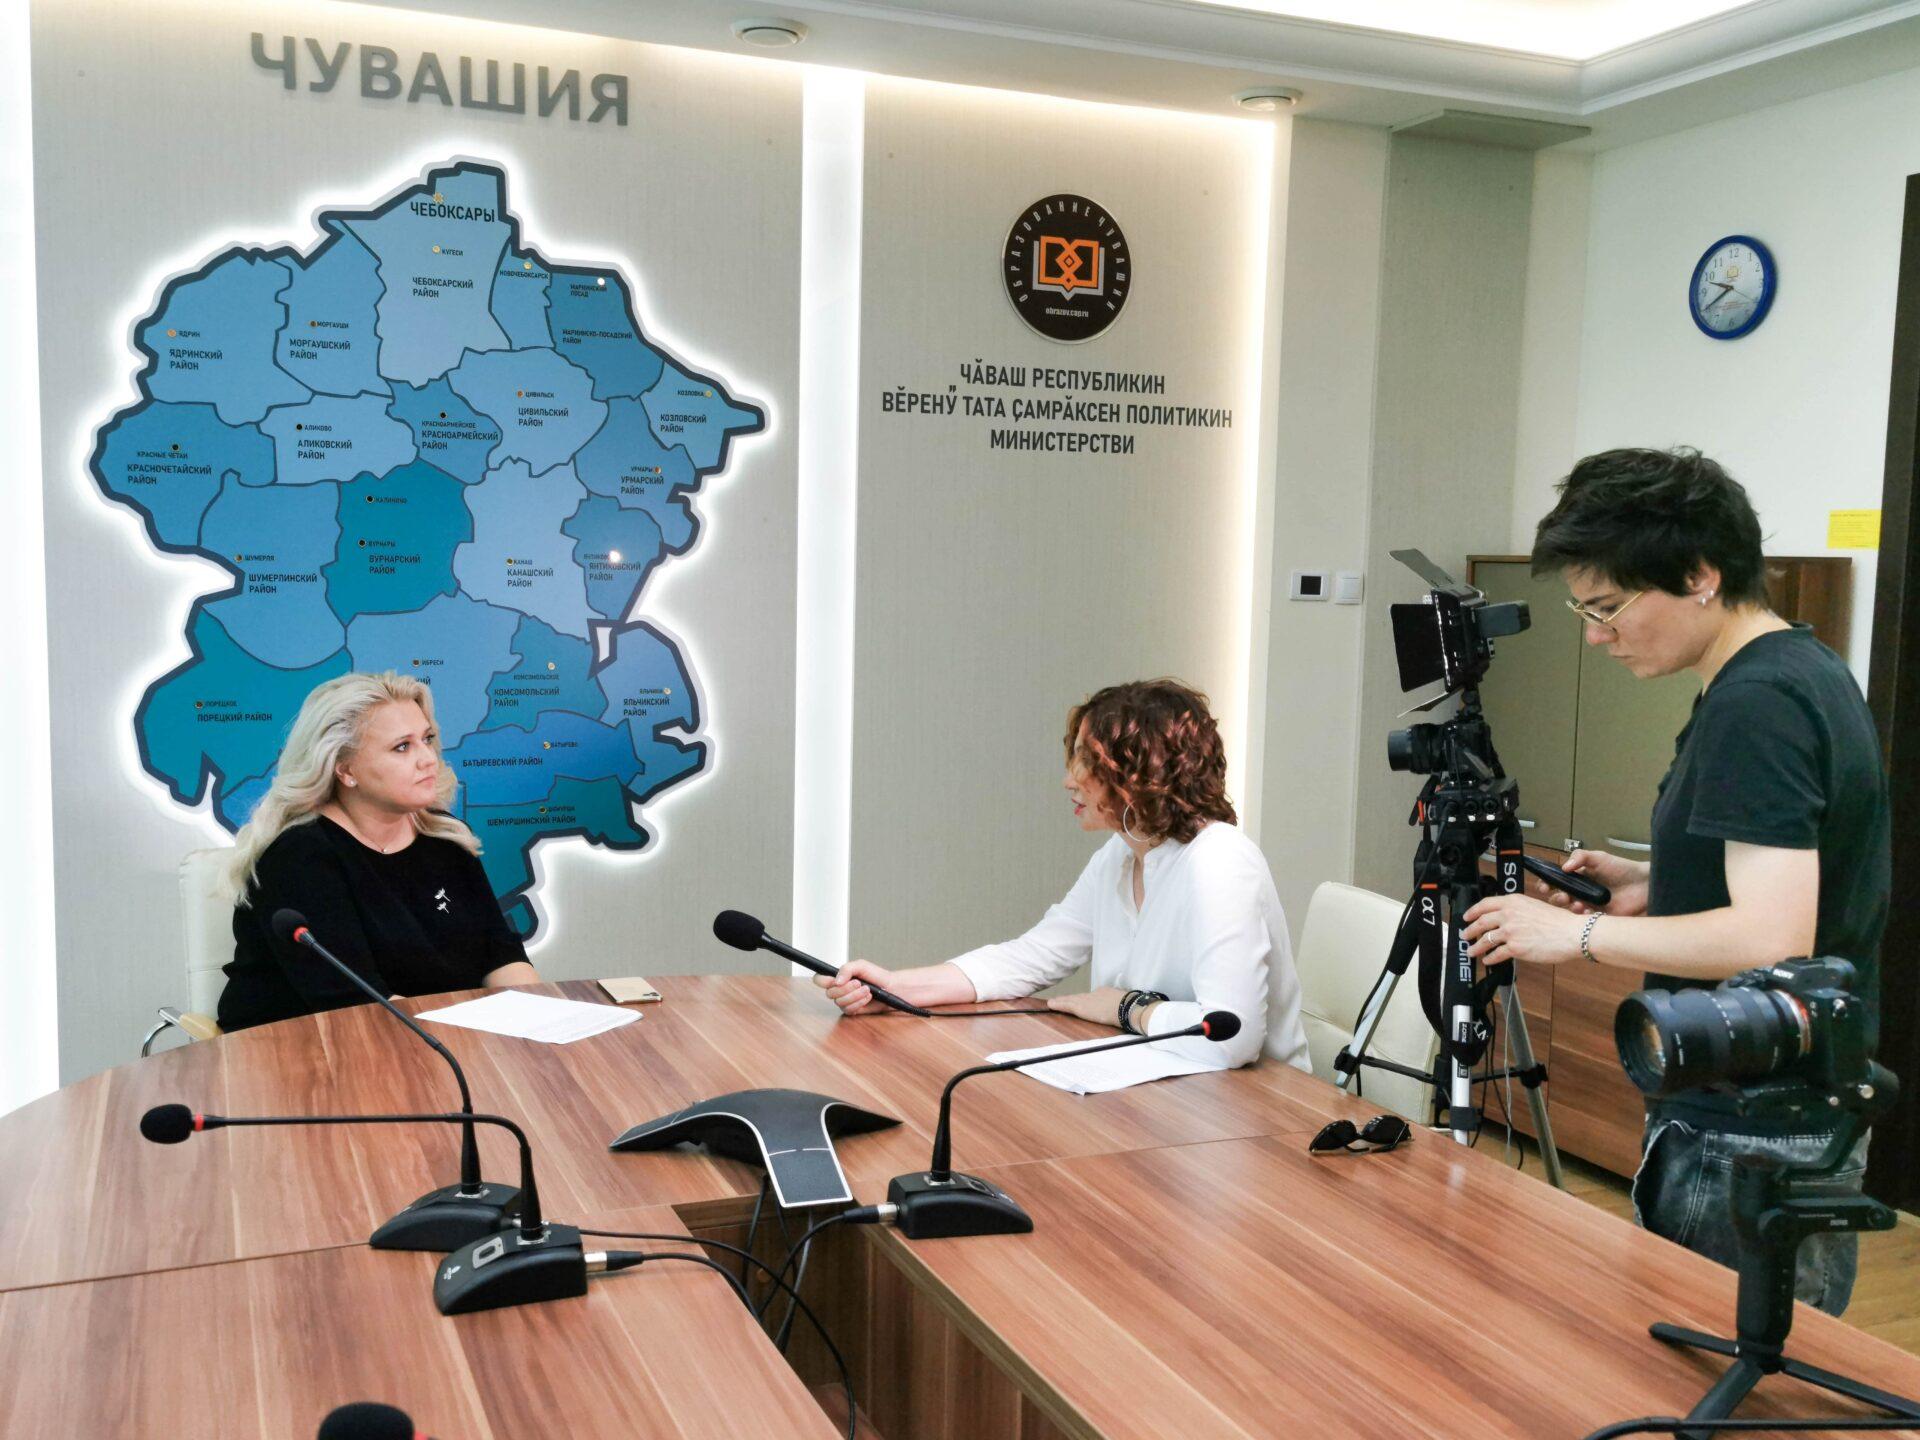 Образовательная экспедиция СОТ в Чувашскую Республику: министр образования и молодежной политики Аллой Салаевой